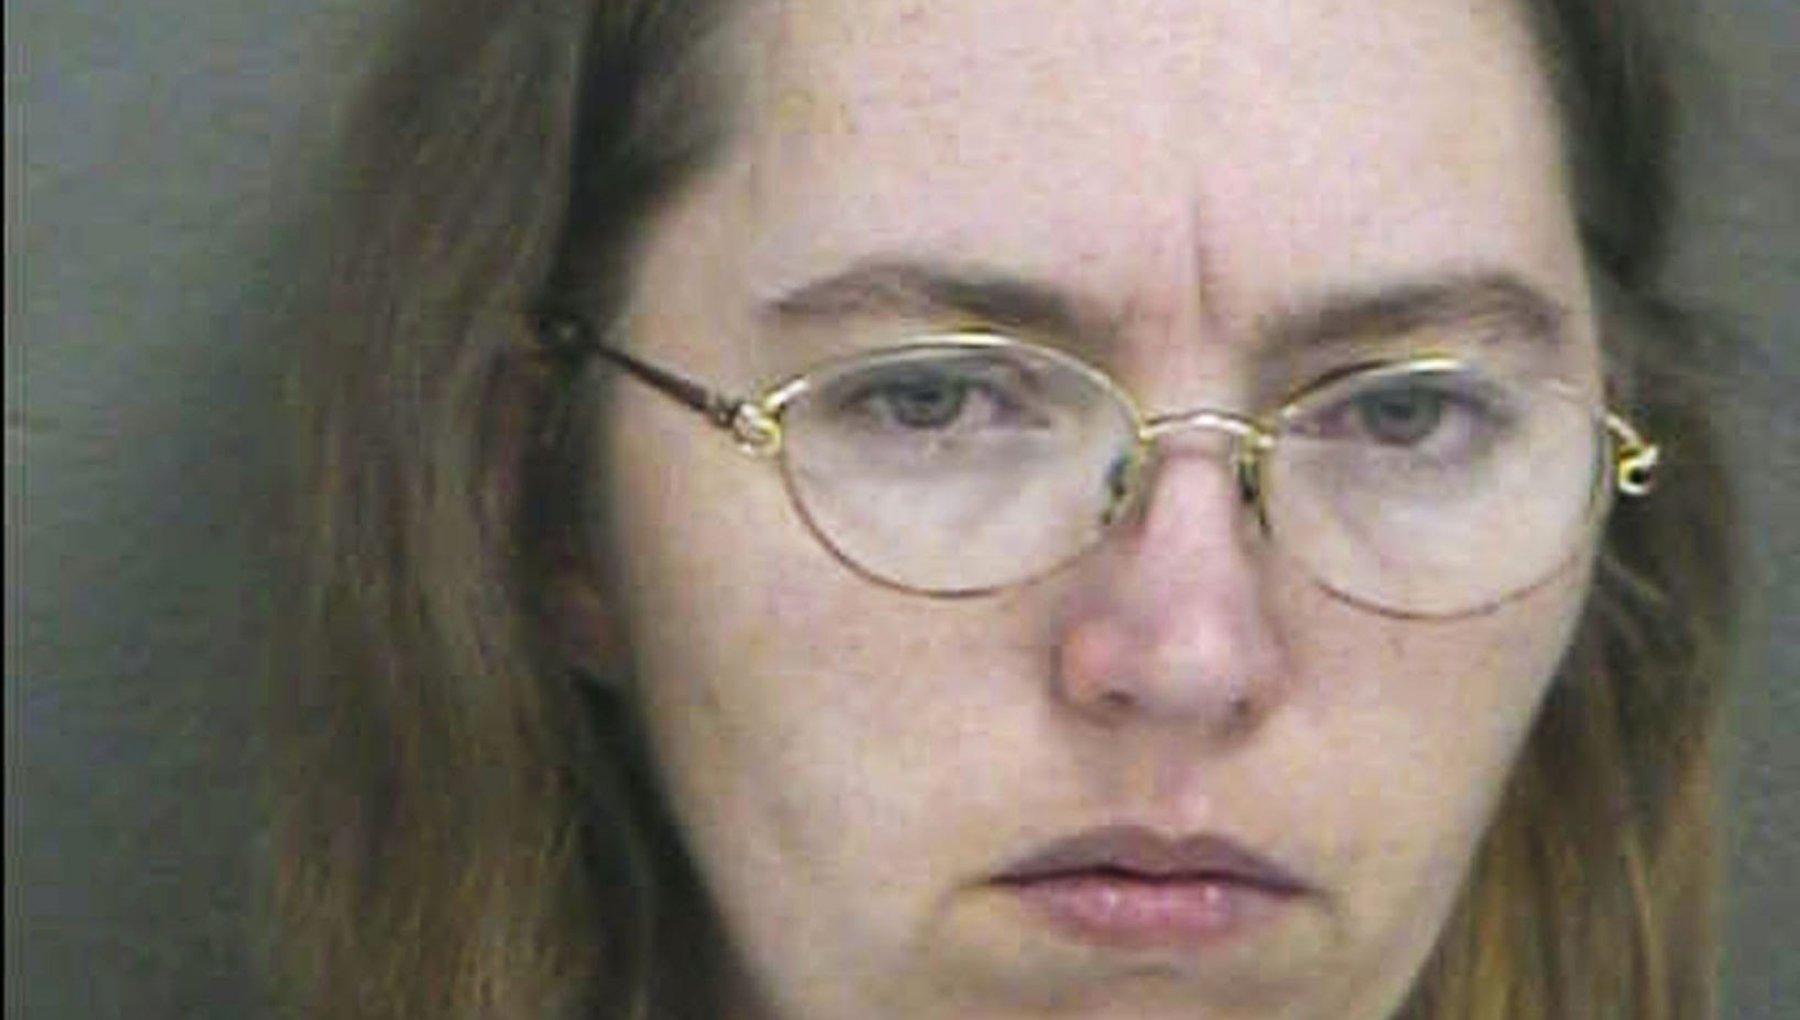 Usa via libera allesecuzione dellunica donna nel braccio della morte